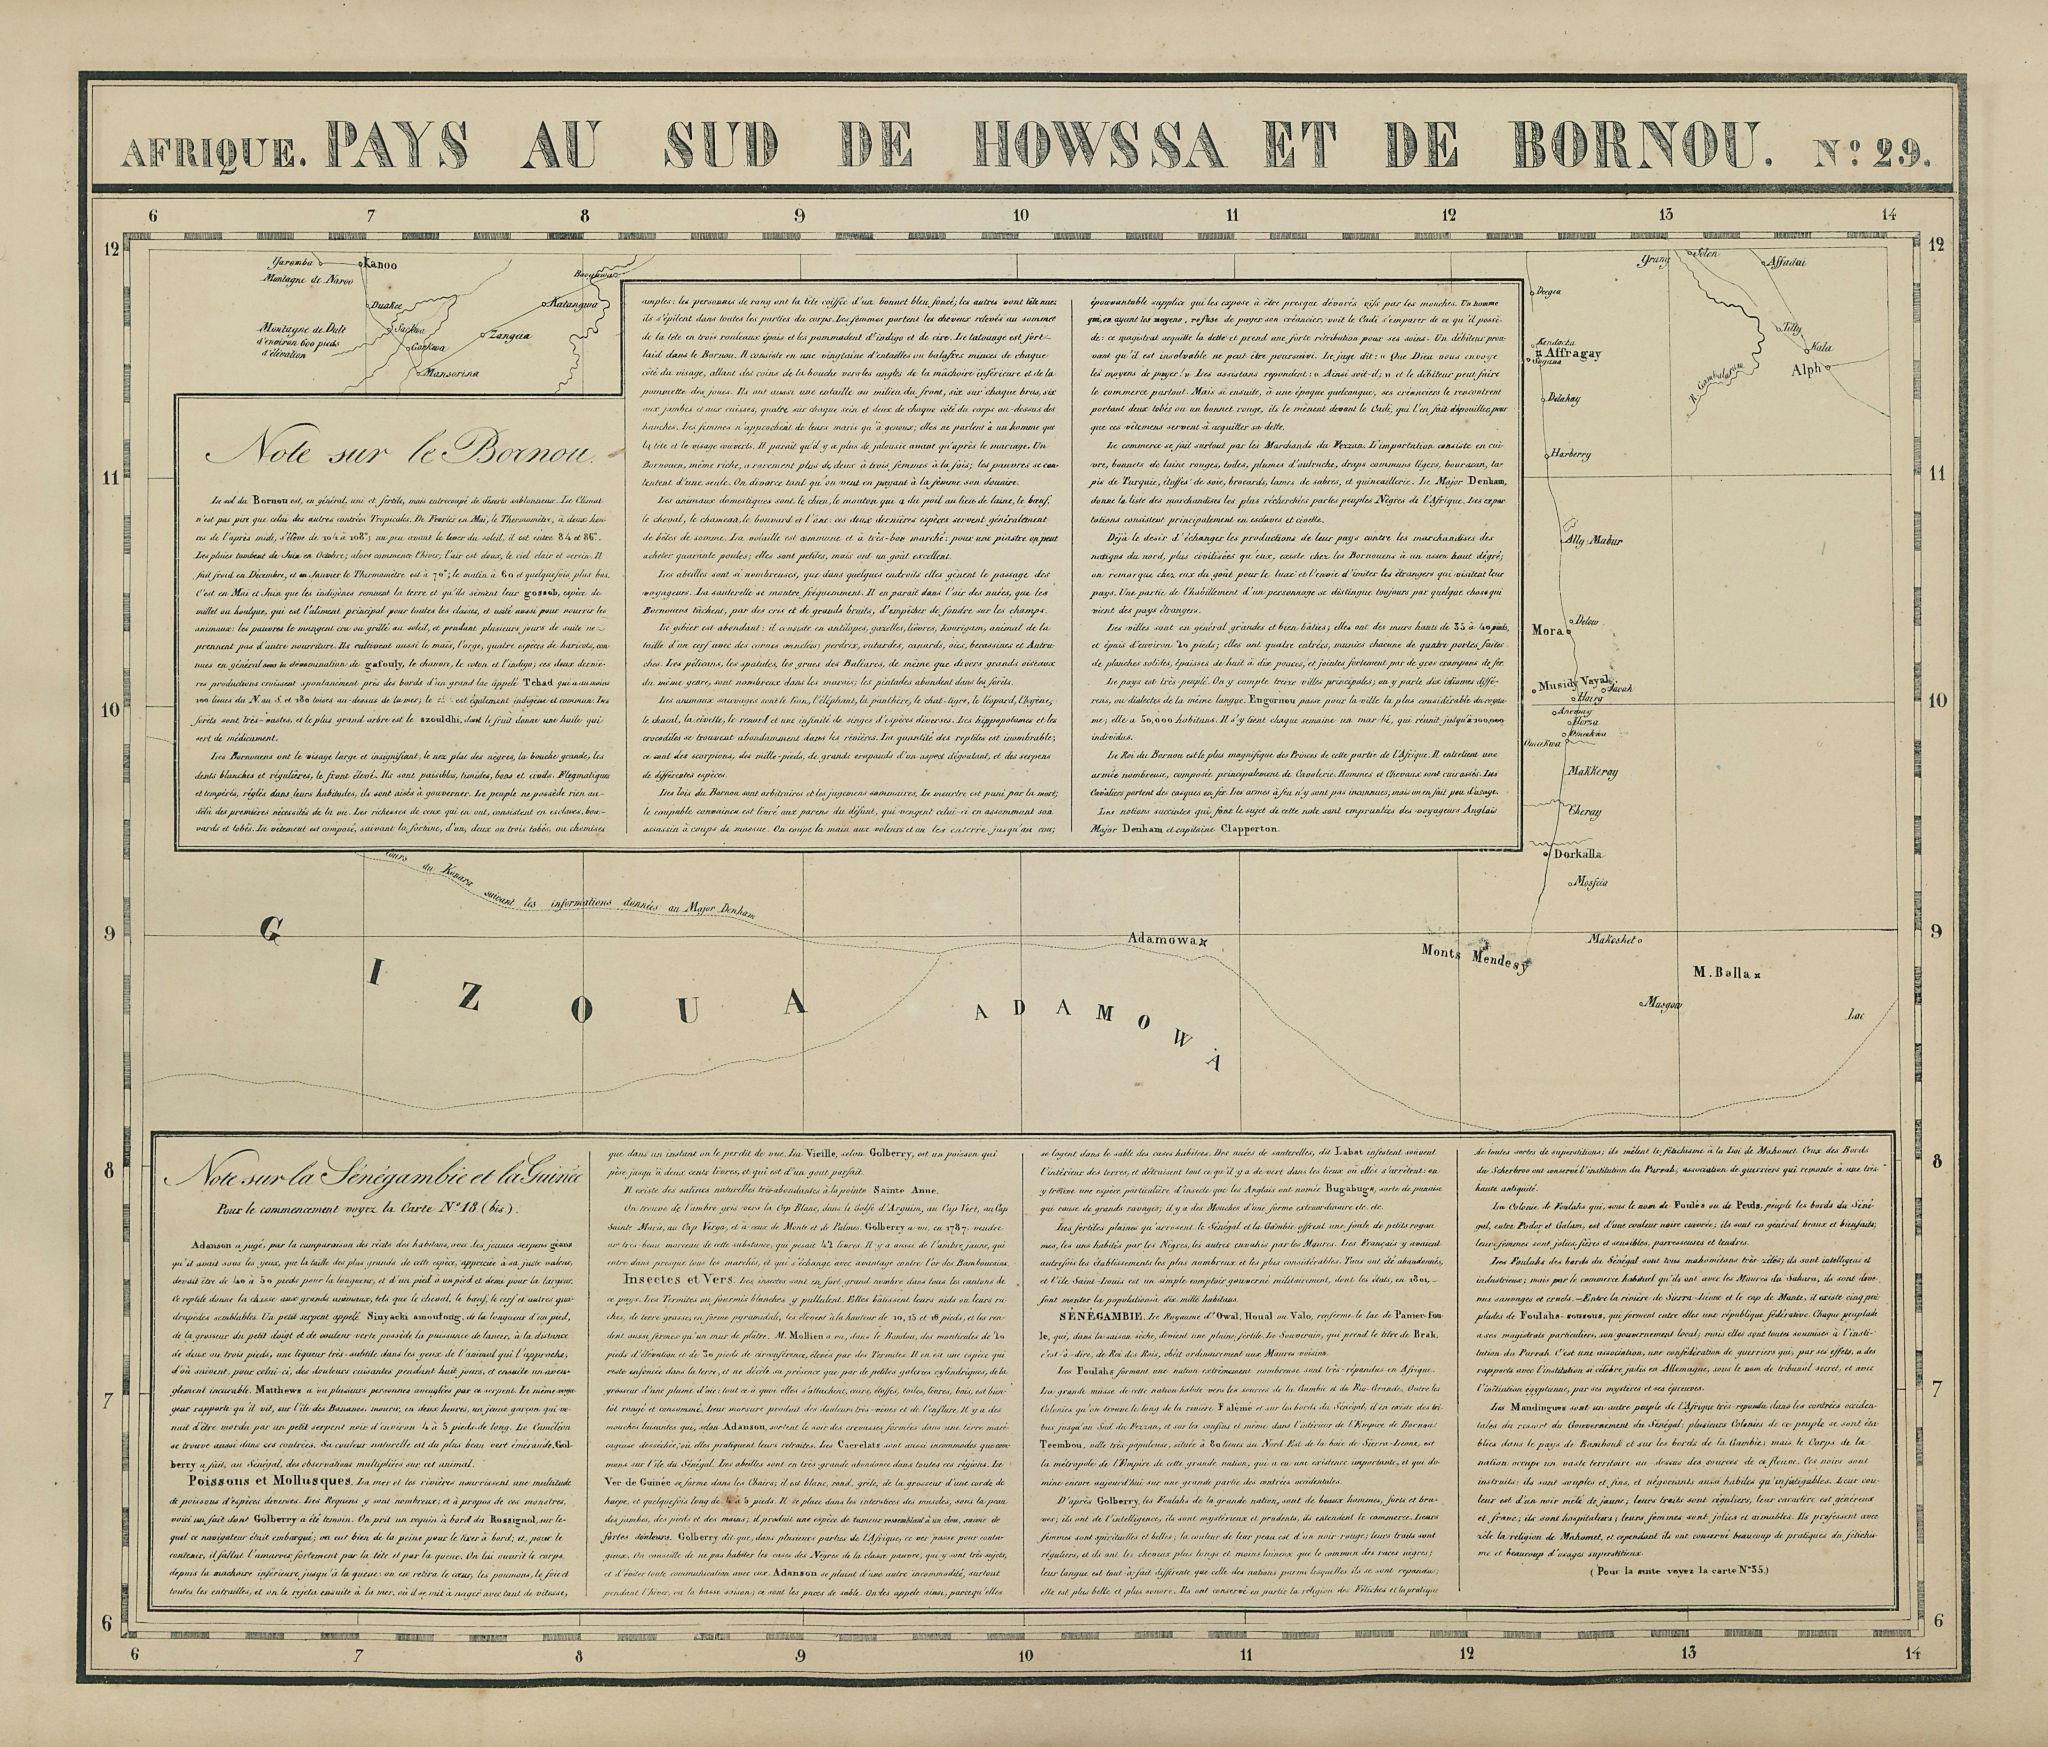 Afrique Pays au sud de Howssa & Bornou 29 Nigeria Cameroon VANDERMAELEN 1827 map